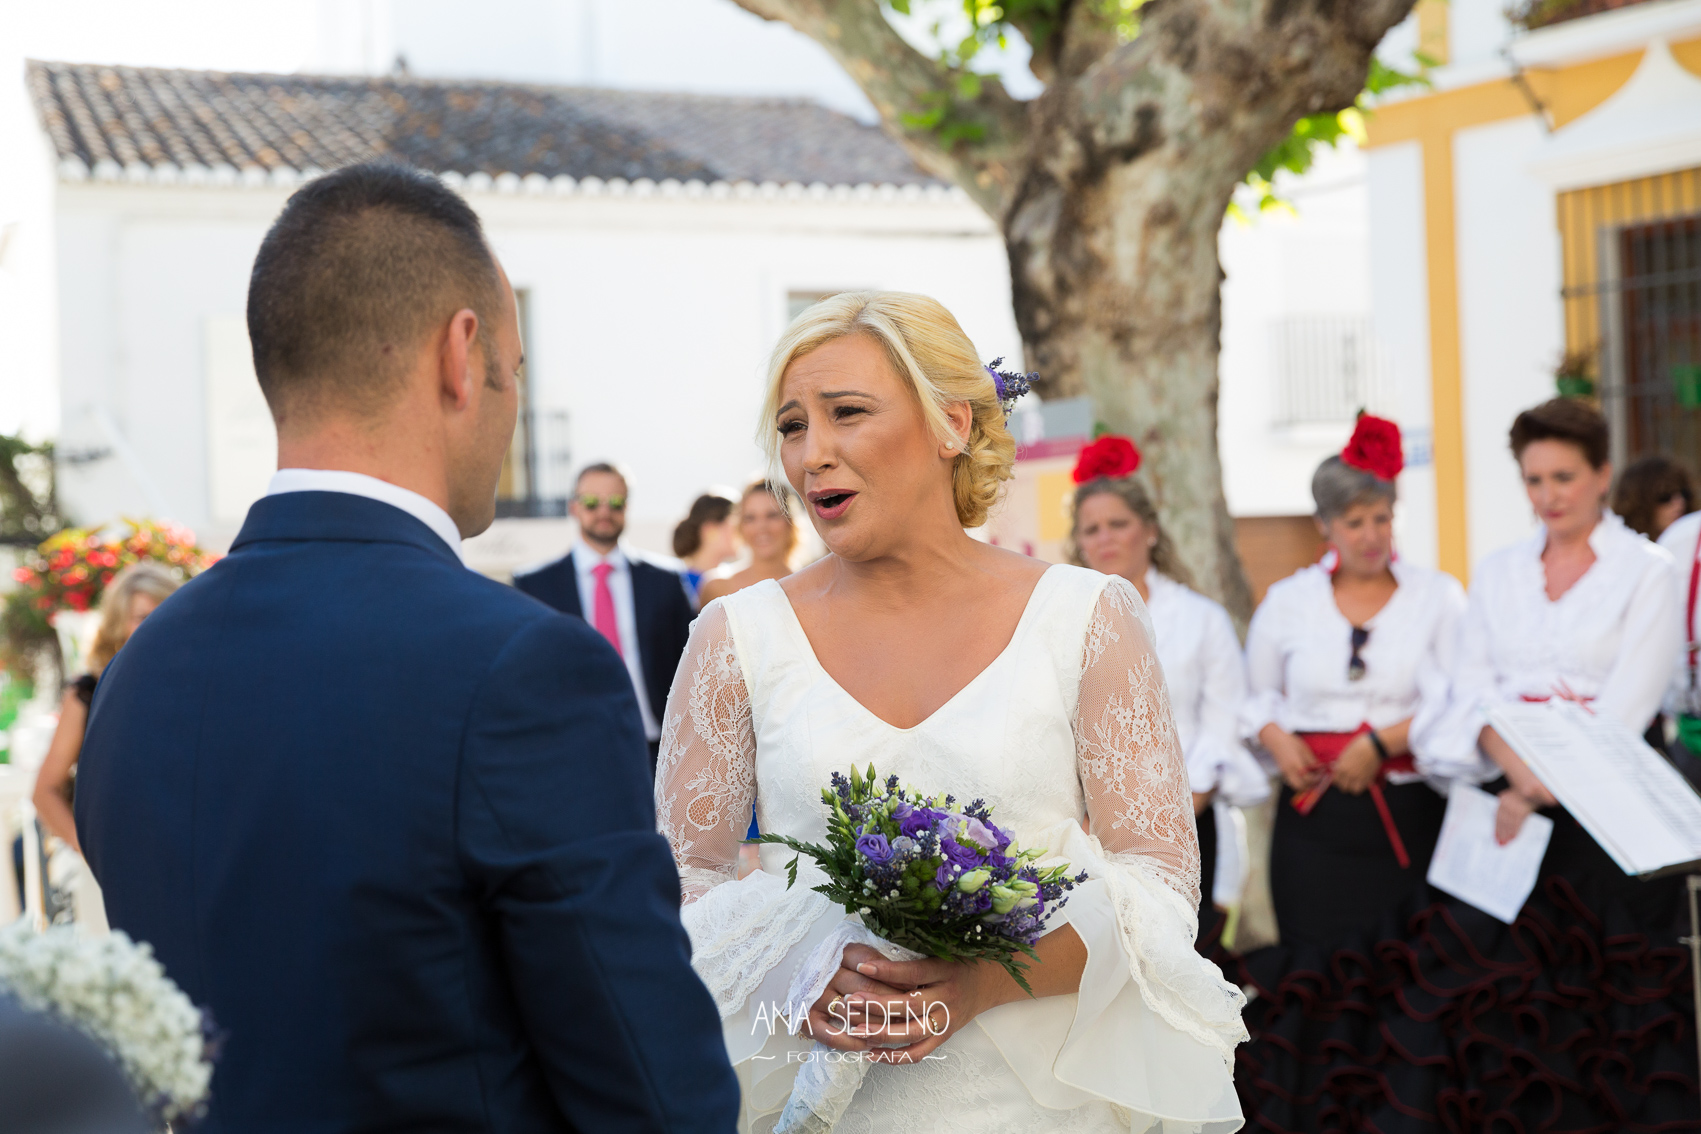 Ana Sedeño Fotografa.-BJ&R-0690